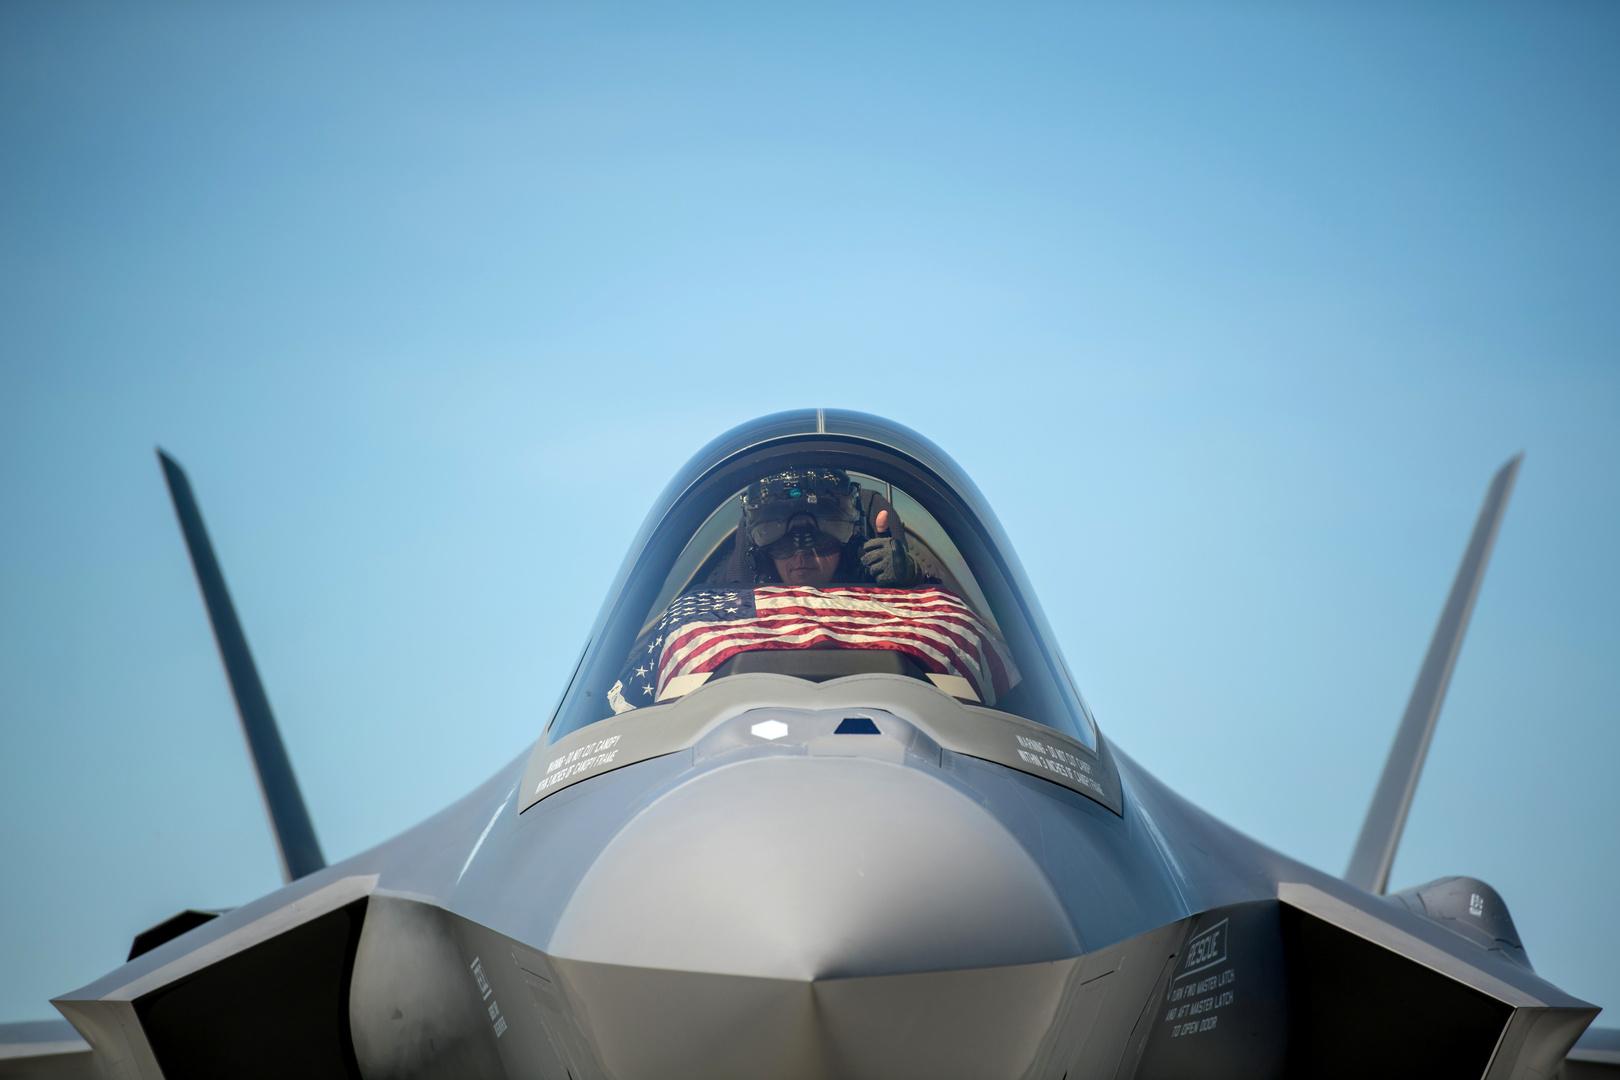 الأمريكيون واثقون من أن إف-35 قادرة على تدمير إس-400 في سوريا